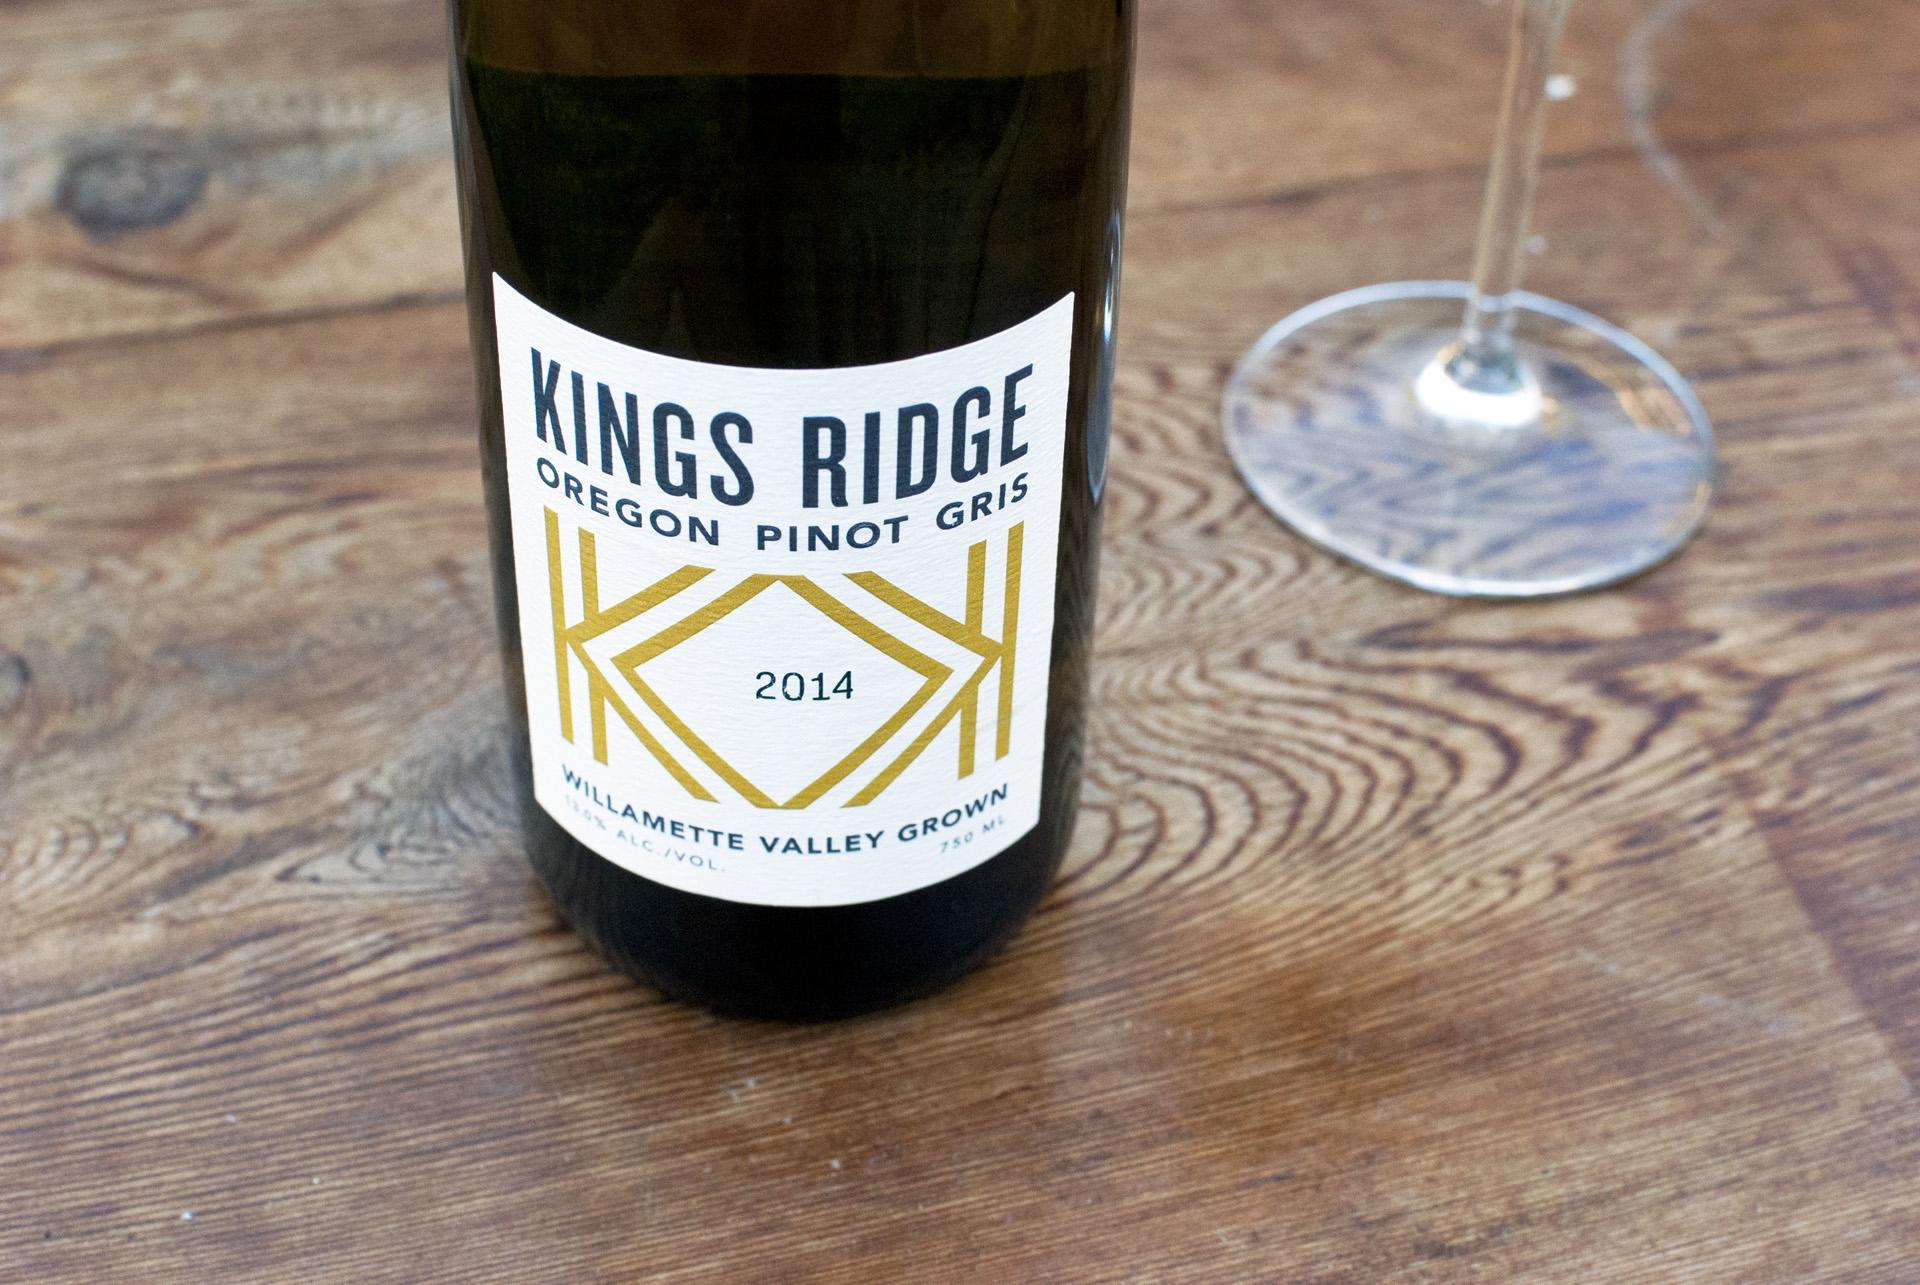 King Ridge Pinot Gris